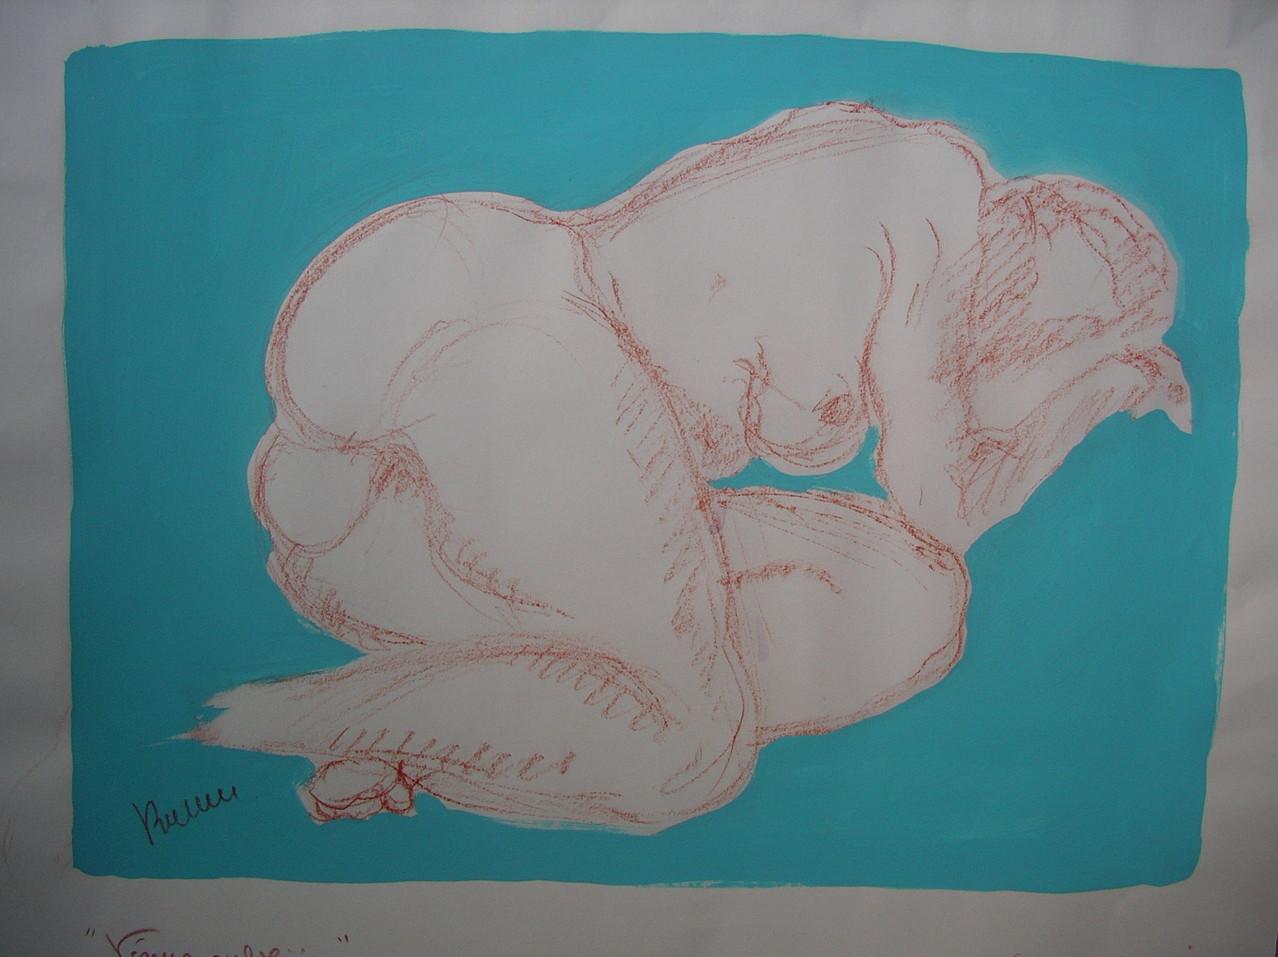 Vénus préhistorique ORIGINAL DISPONIBLE - réf NU 017 - (pas de repro)